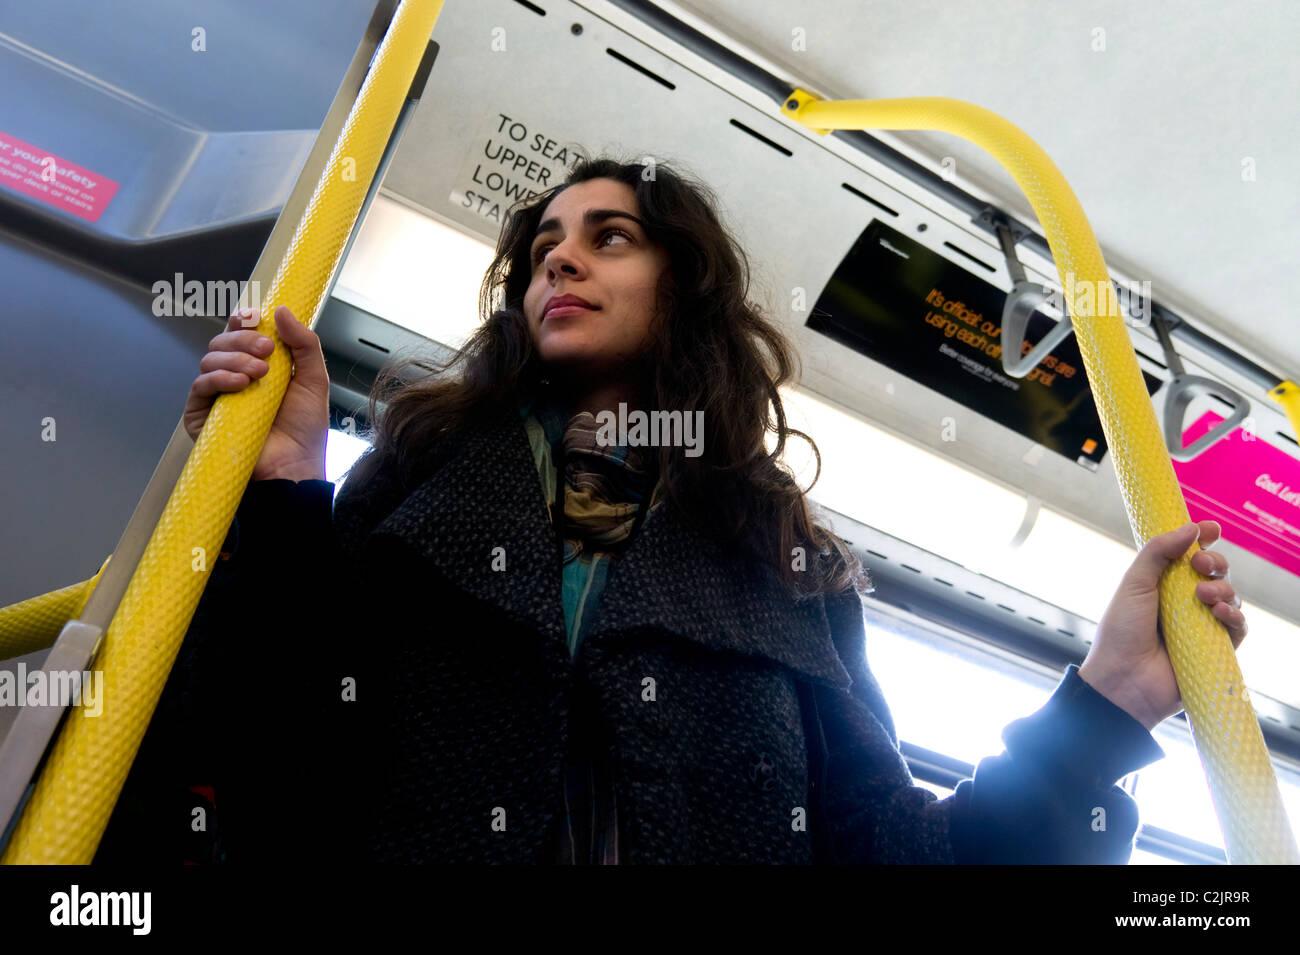 Basso angolo vista della giovane donna a cavallo di un autobus di LondraFoto Stock